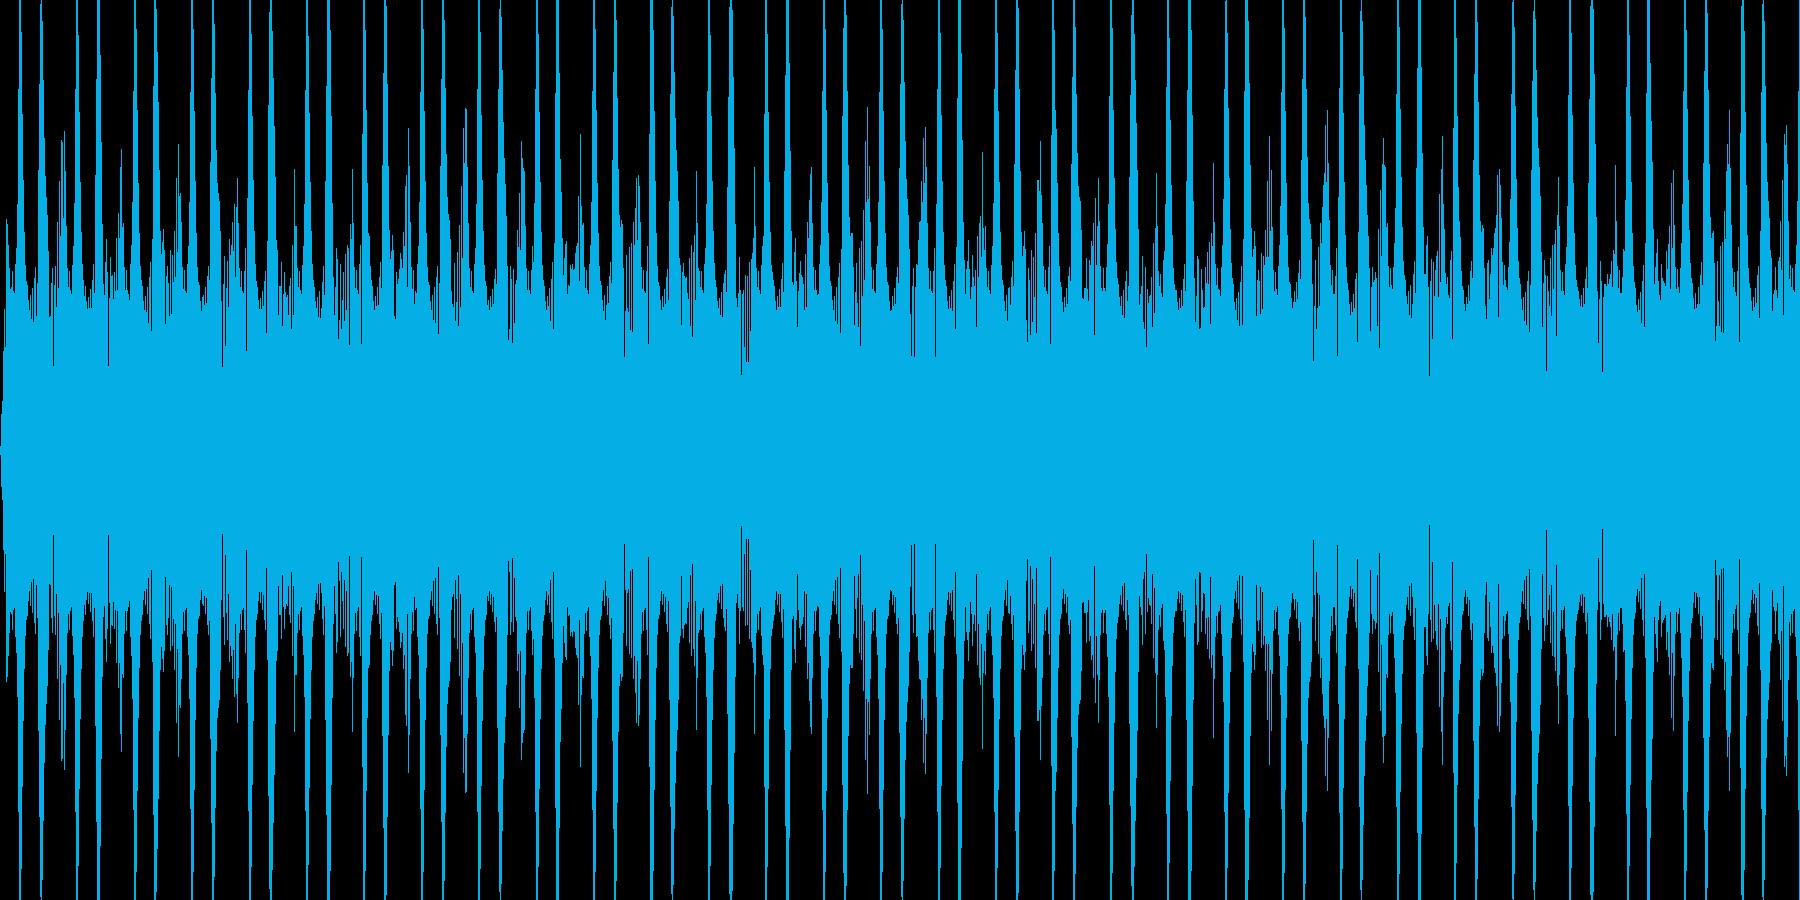 カウントするときの音の再生済みの波形